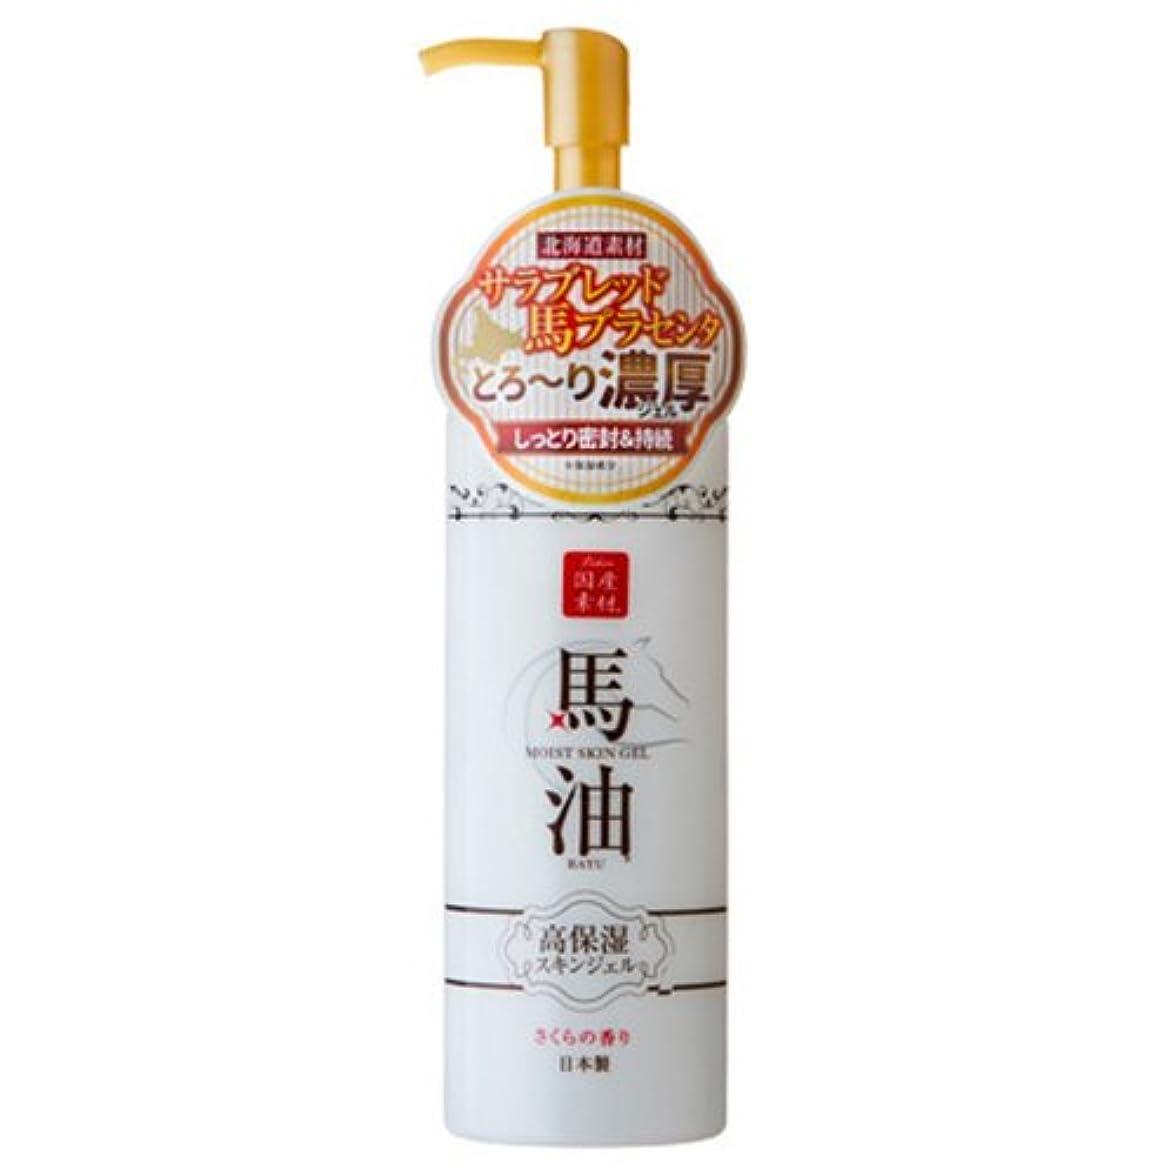 徹底的に飼い慣らす呼吸するアイスタイル リシャン 馬油しっとりスキンジェル さくらの香り 200mL